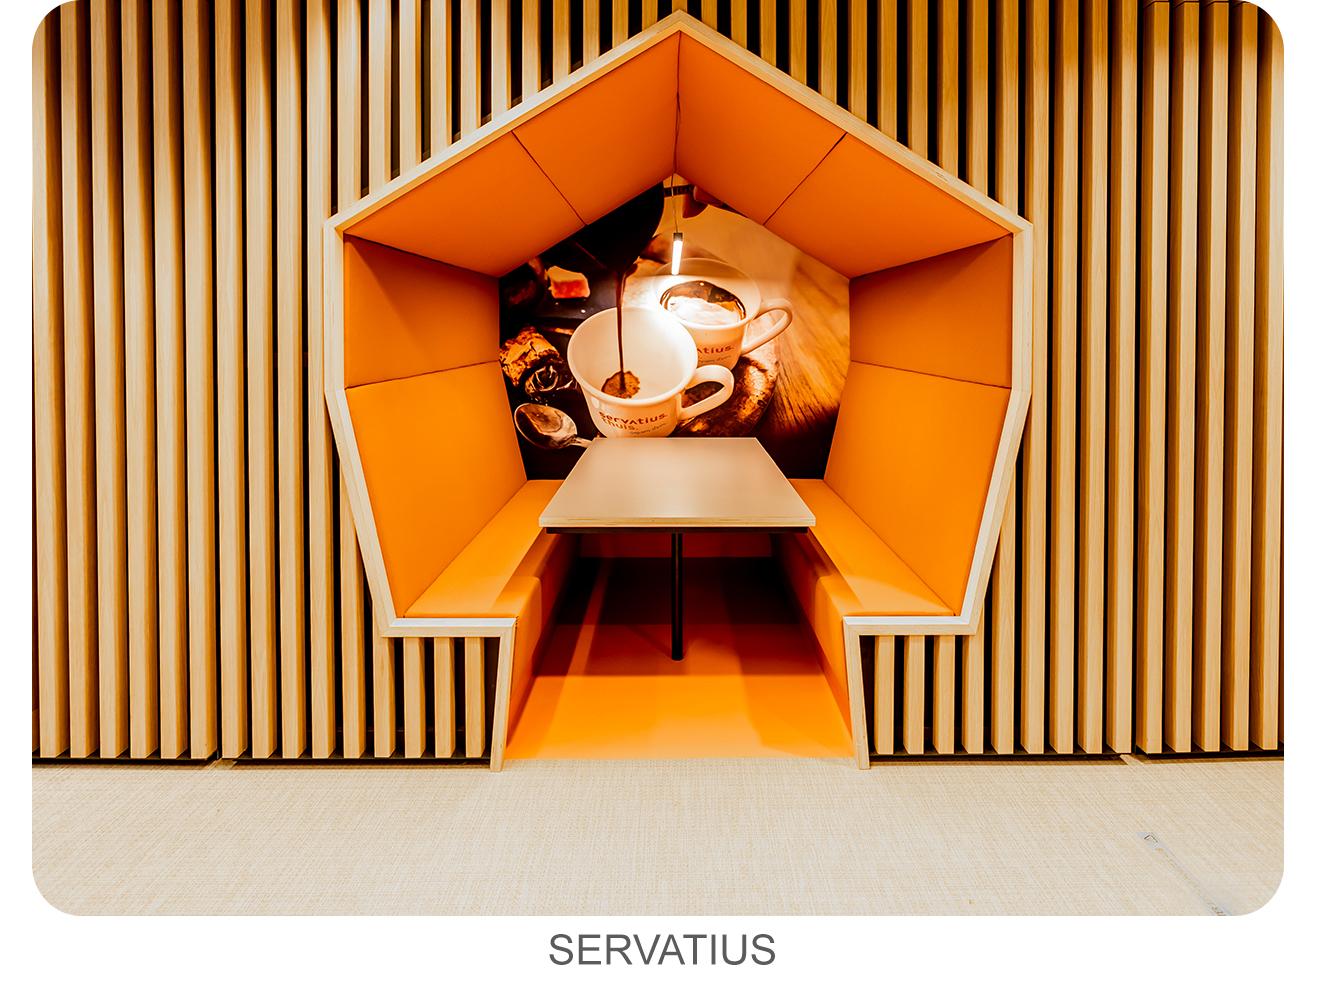 Servatius